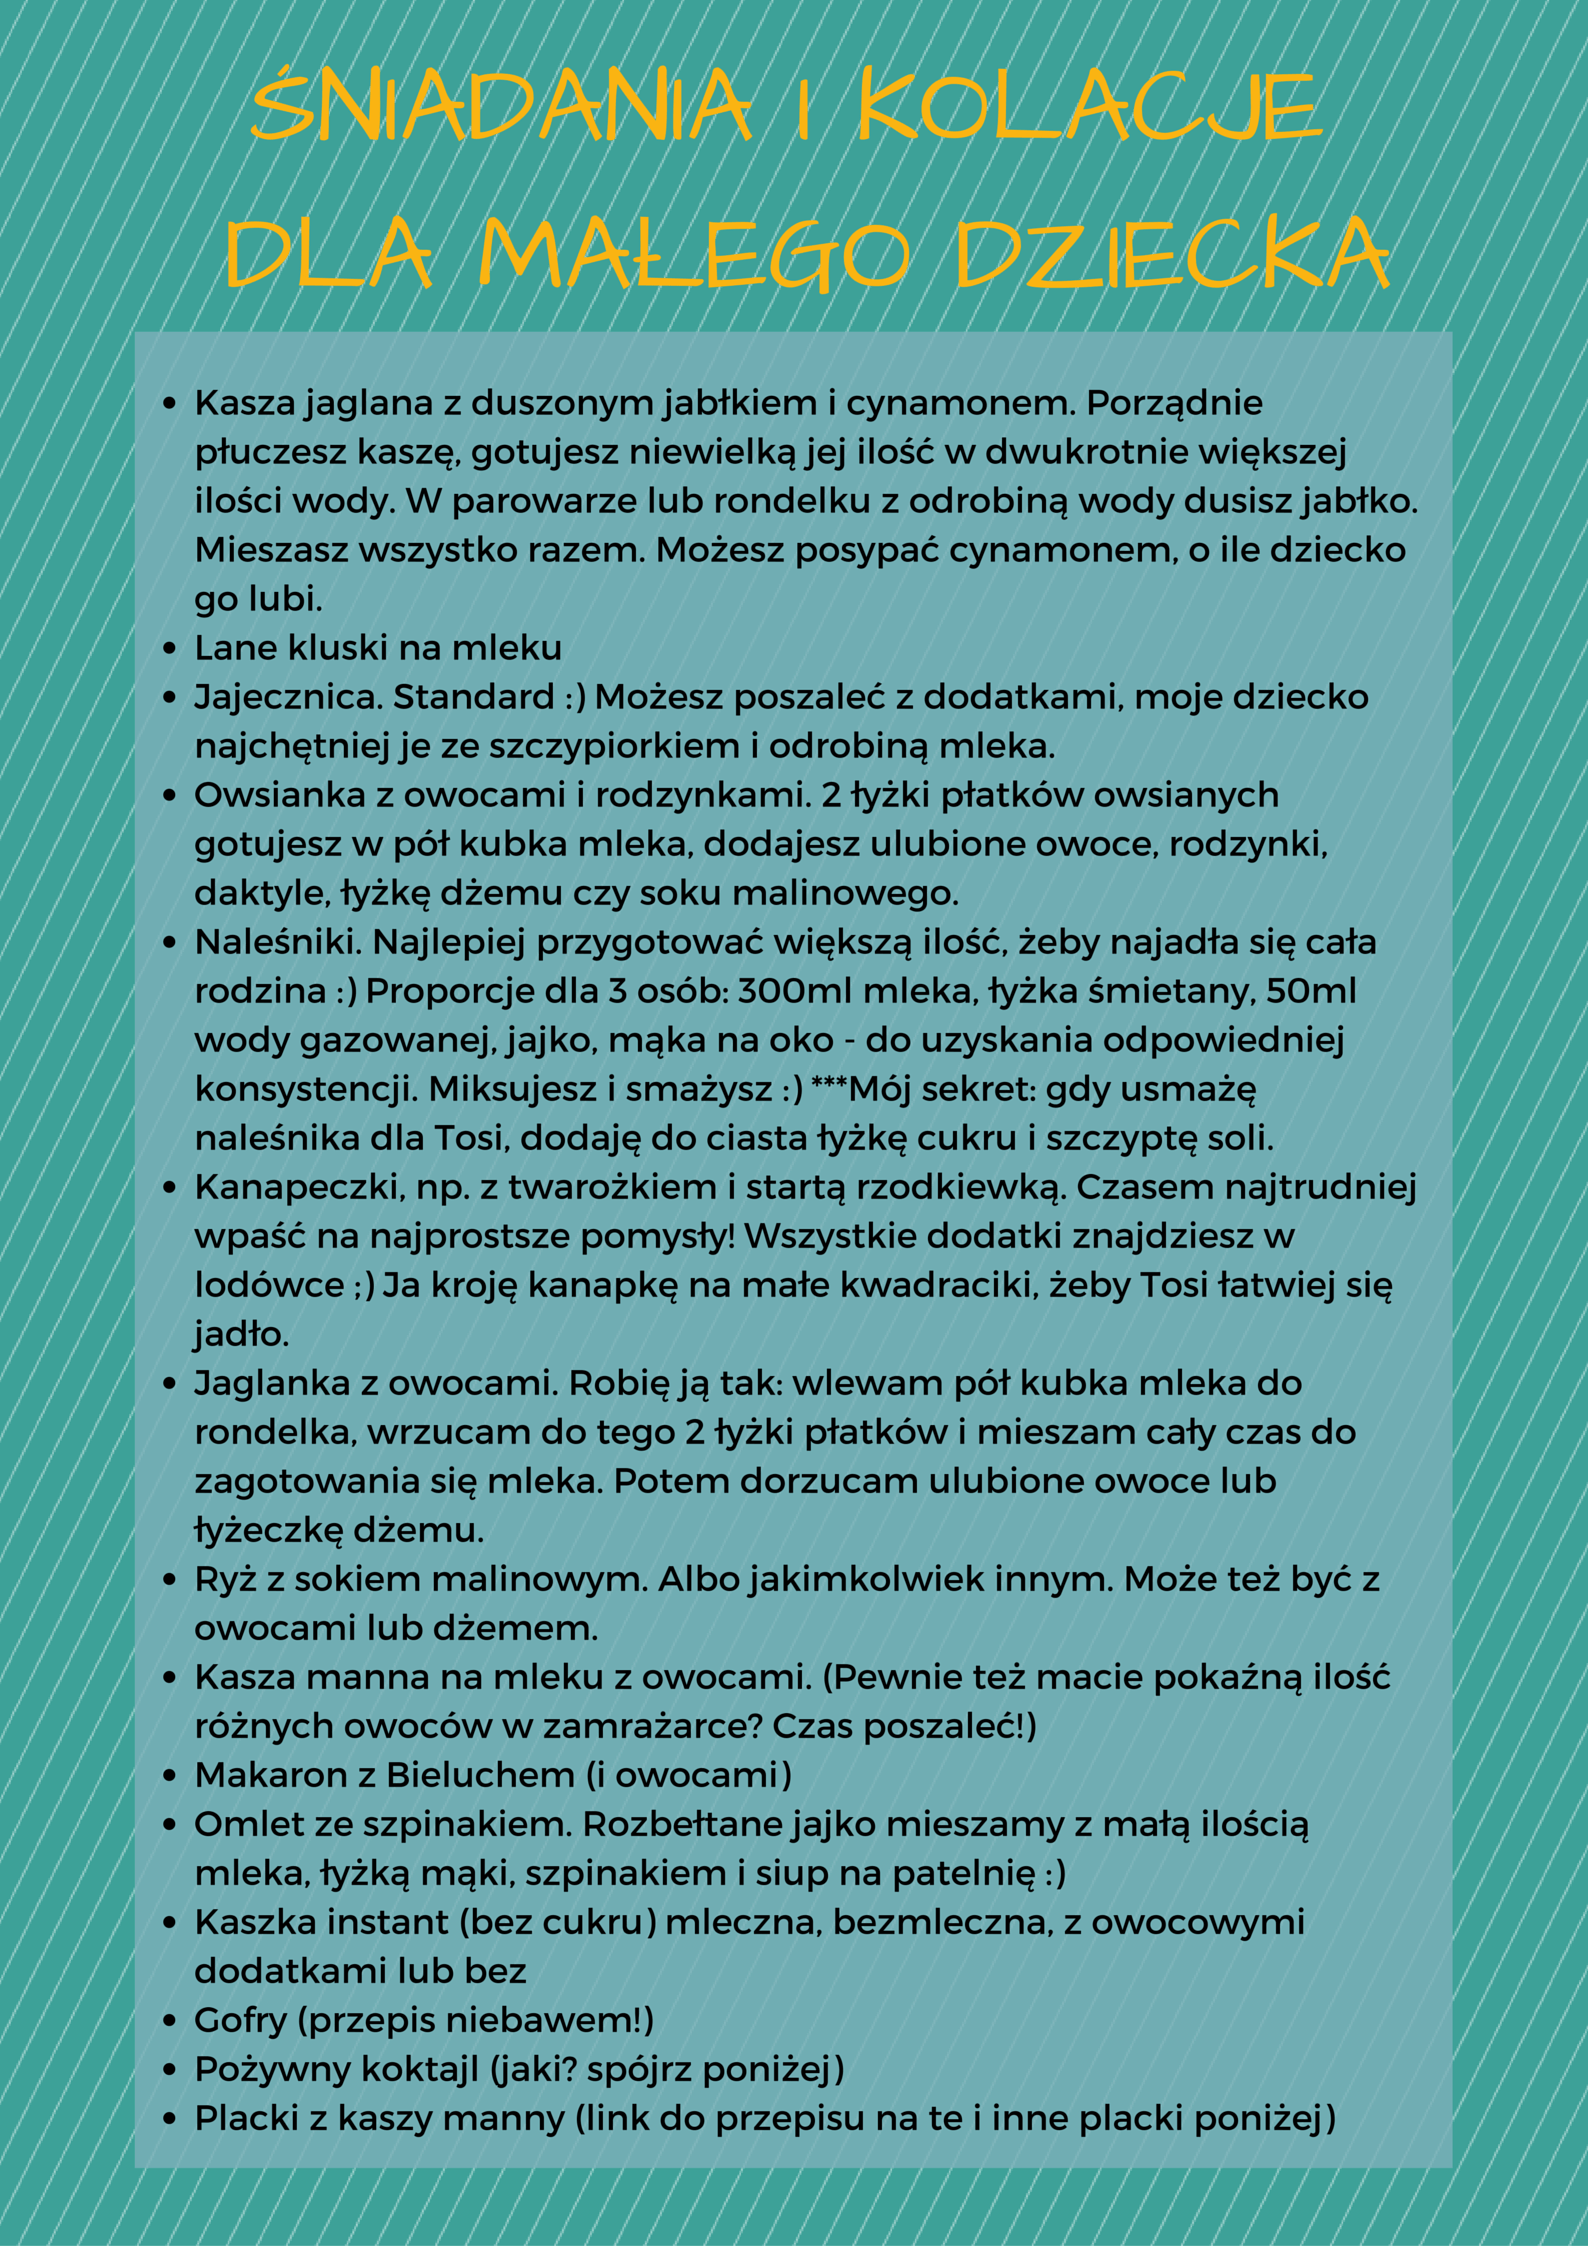 15 Przepisow Na Sniadania I Kolacje Dla Dziecka Lista Do Pobrania